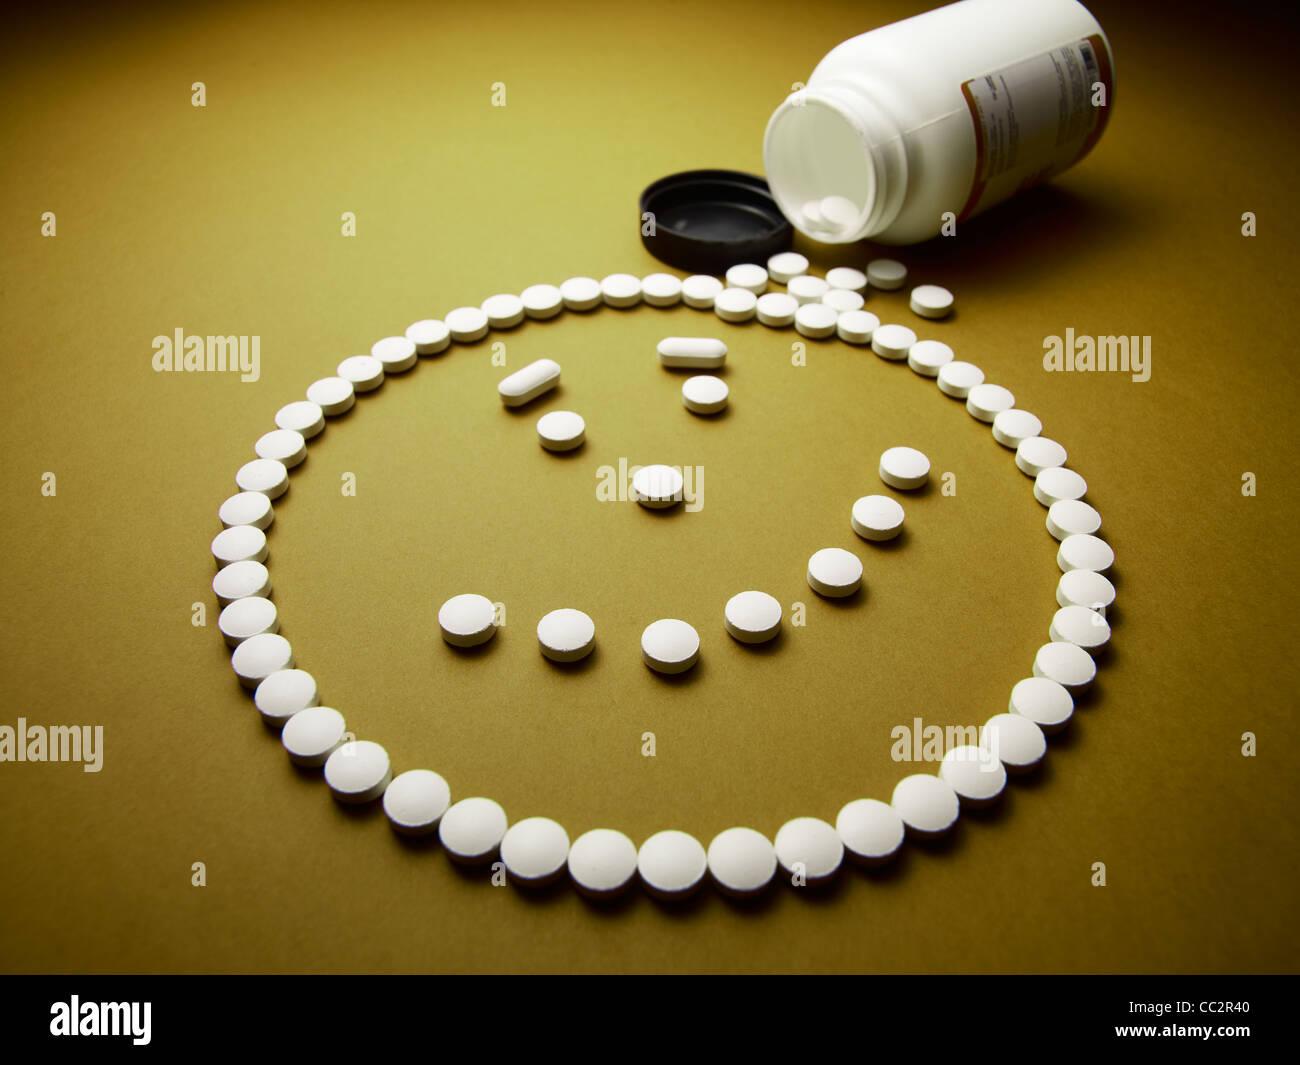 Drogués heureux face fabriqué à partir de pilules et drogues Photo Stock